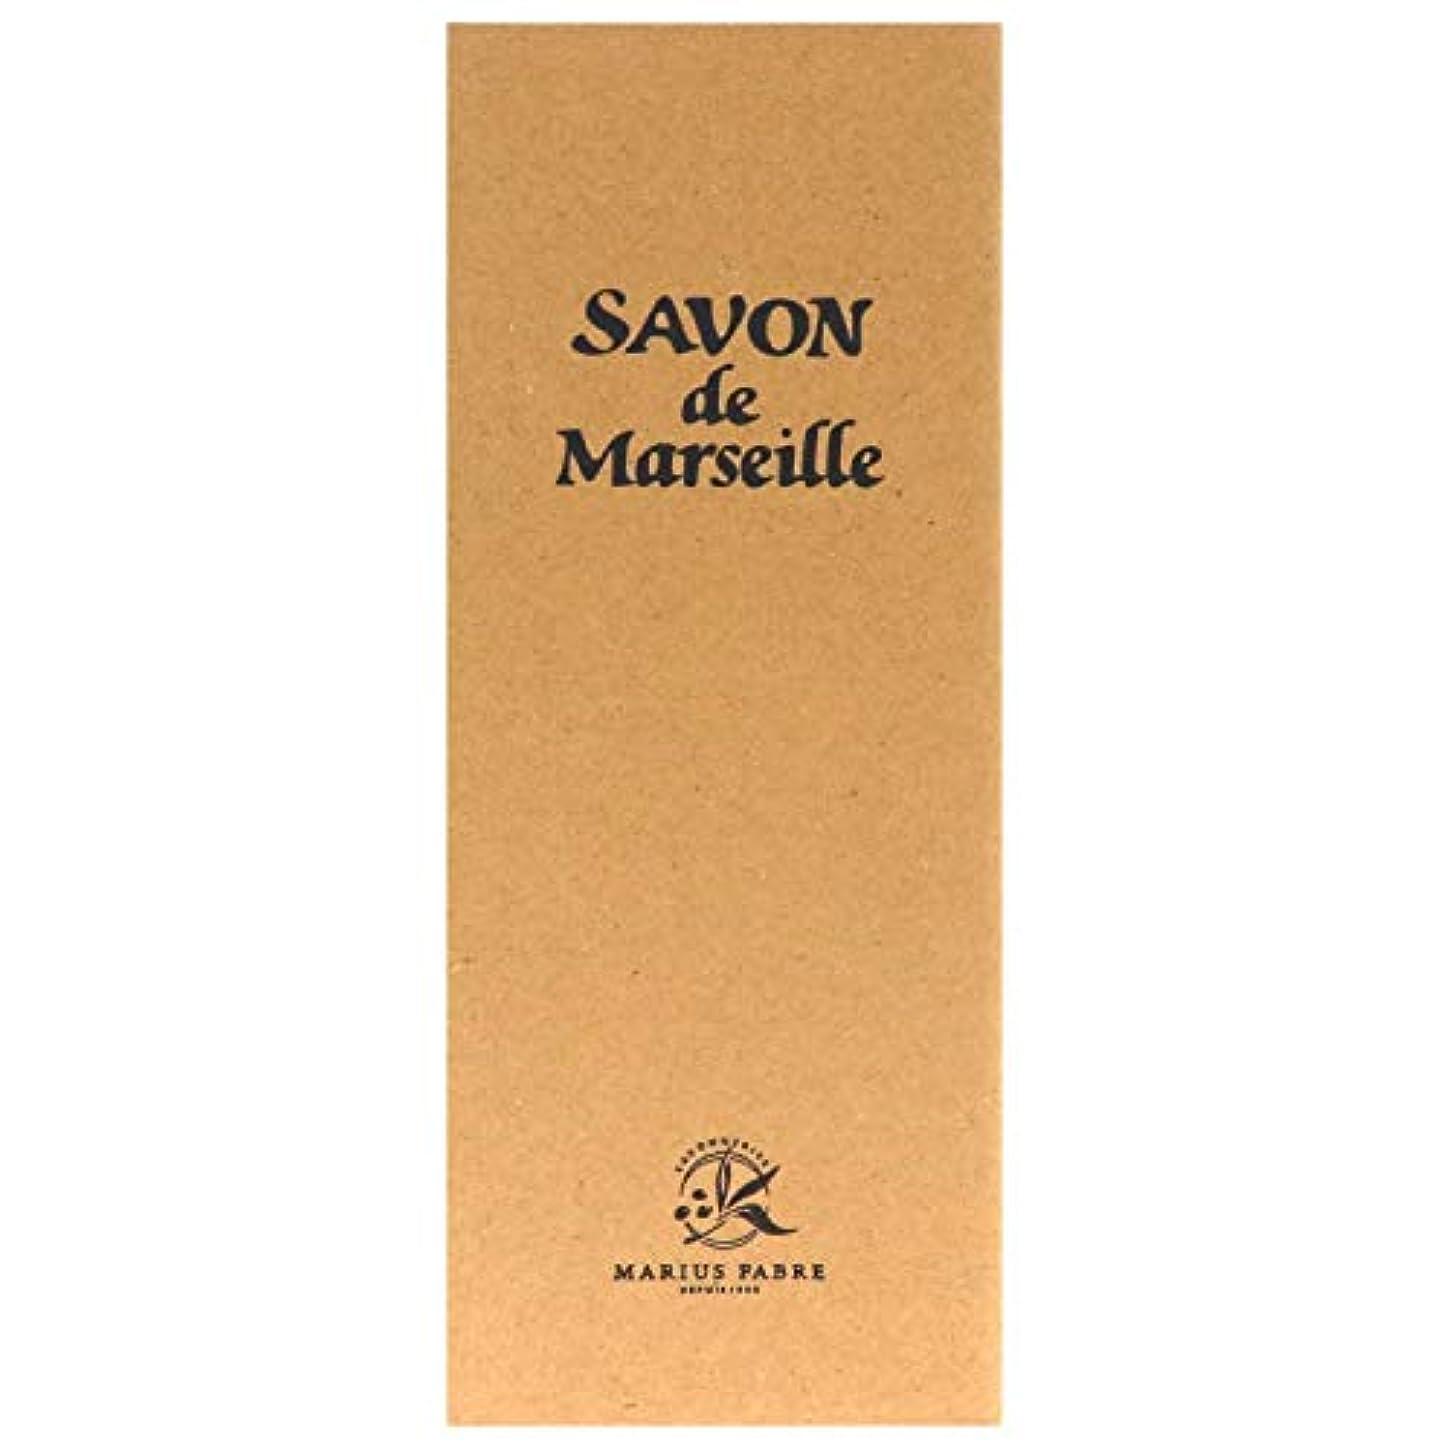 ブーム昇進必要性サボン ド マルセイユ 木箱ギフト オリーブ